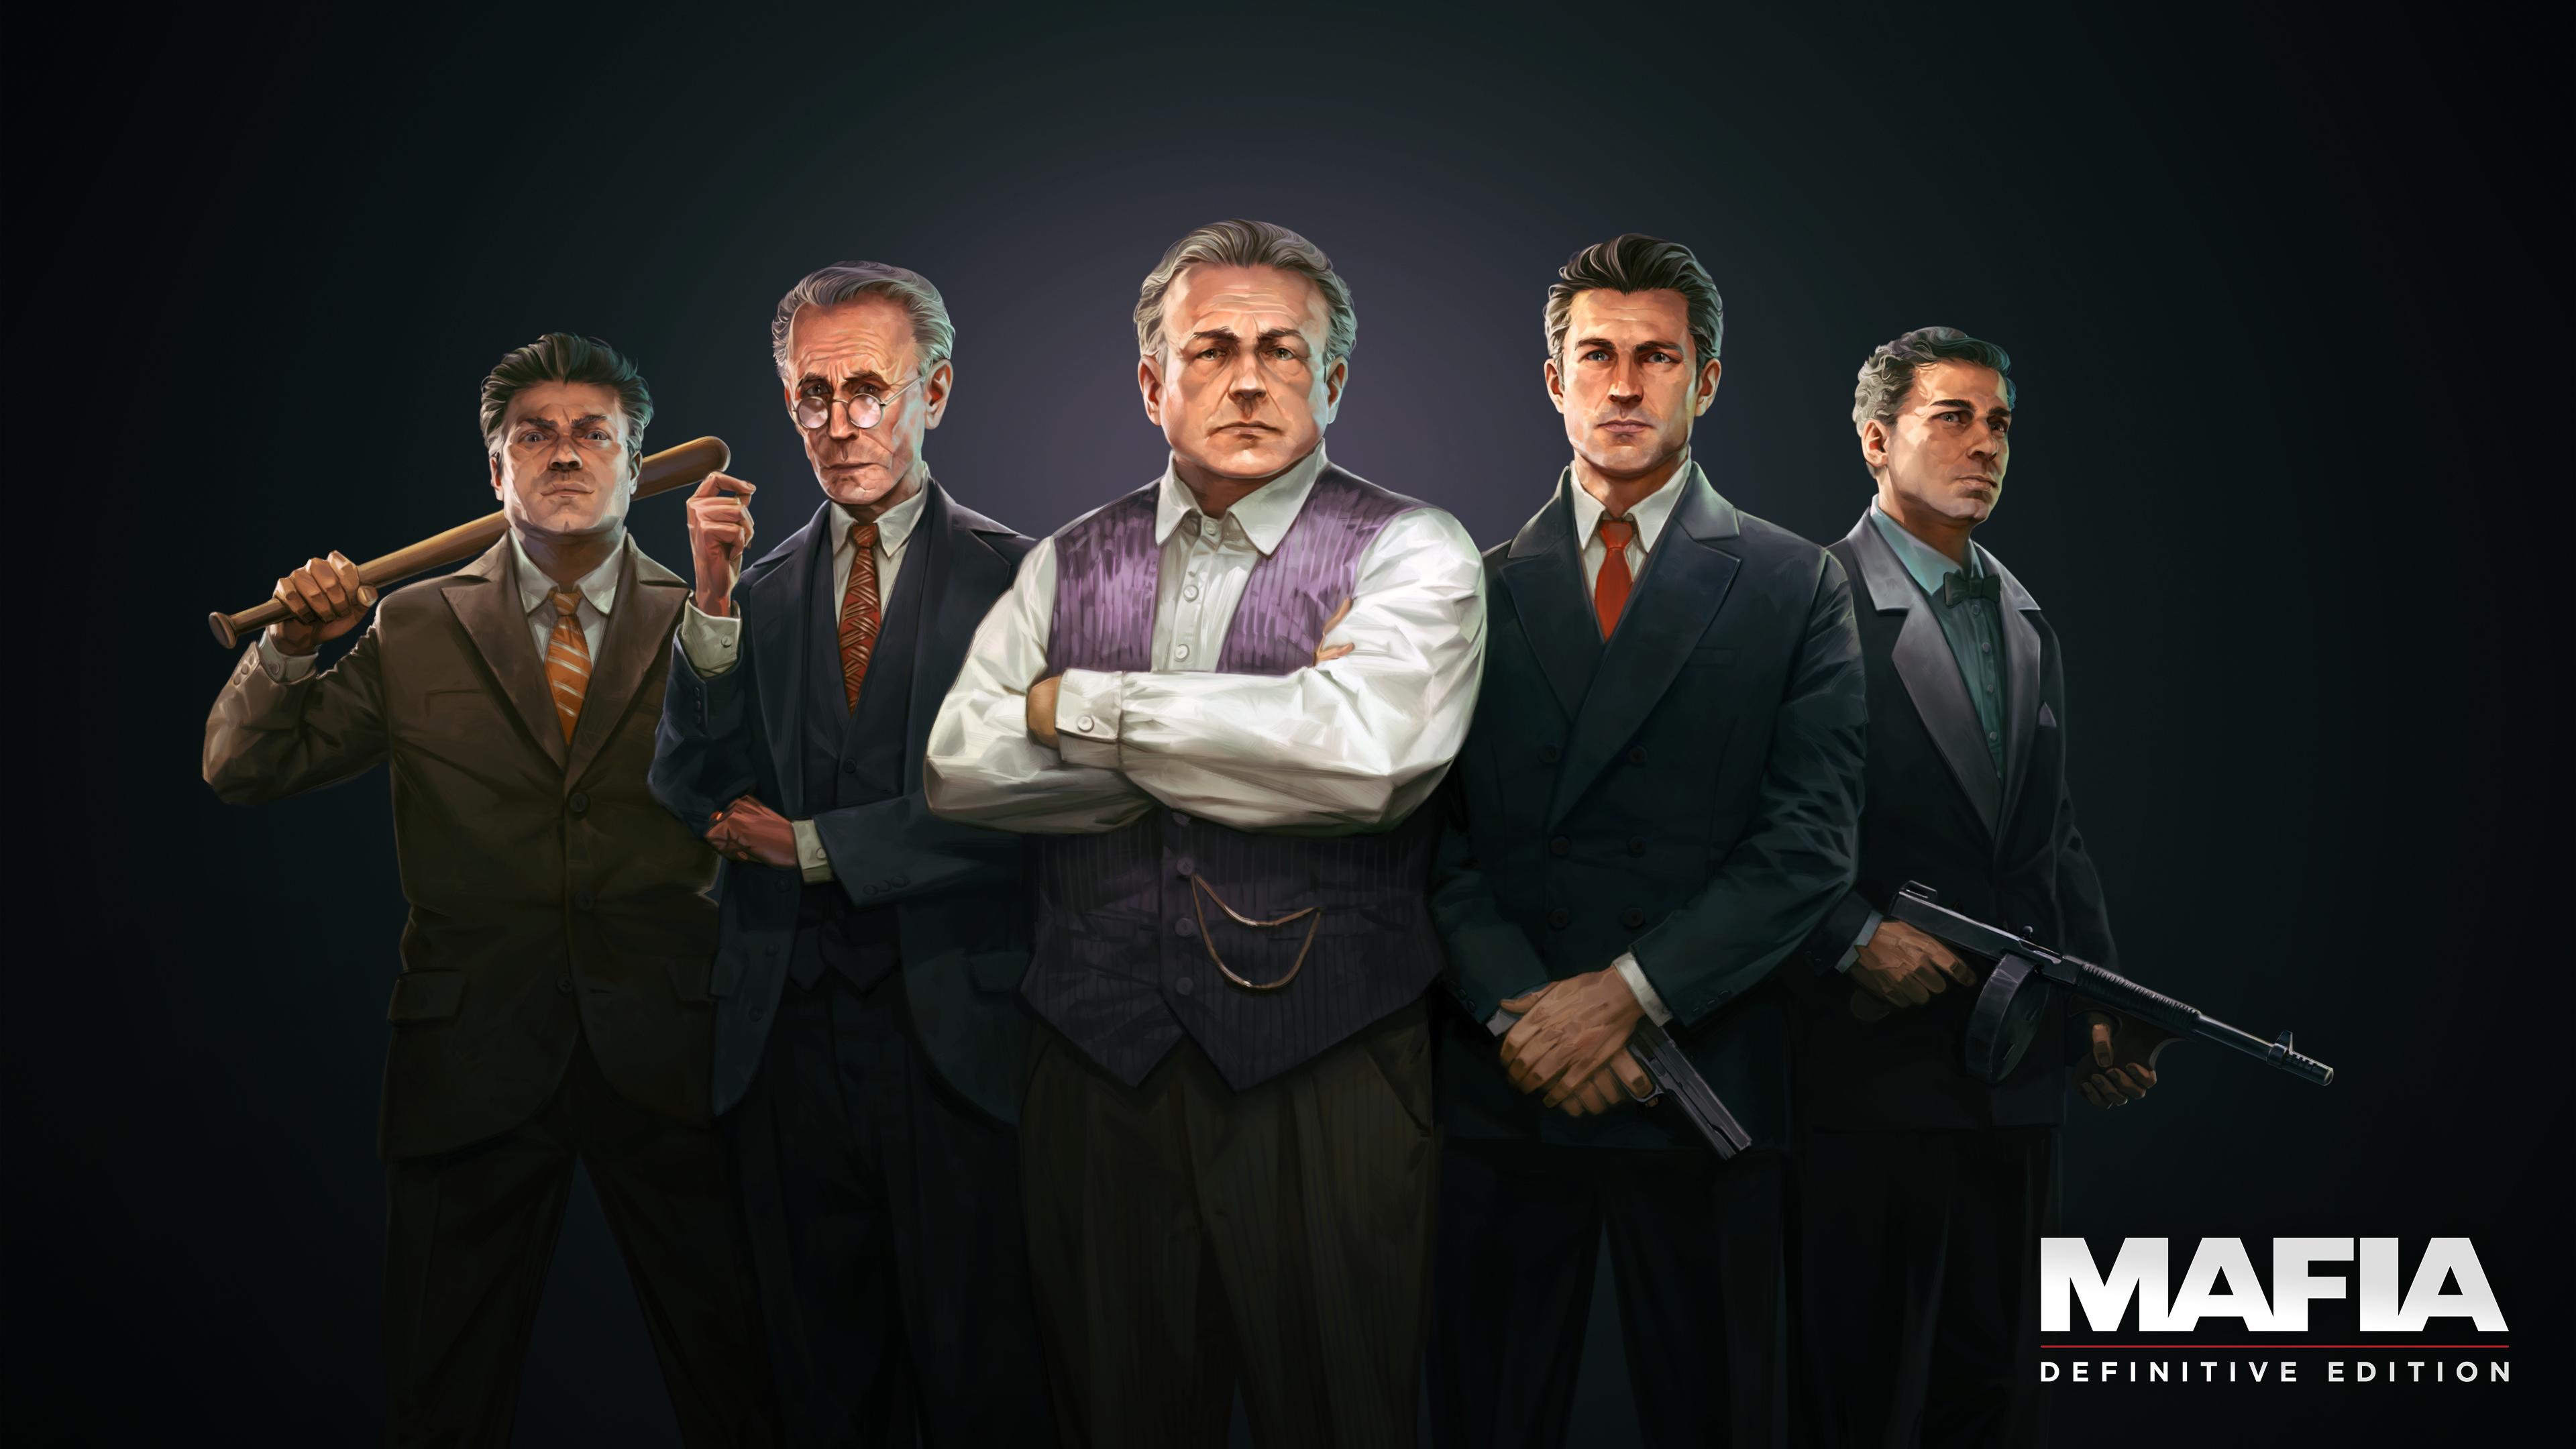 Mafia: Definitive Edition wallpapers